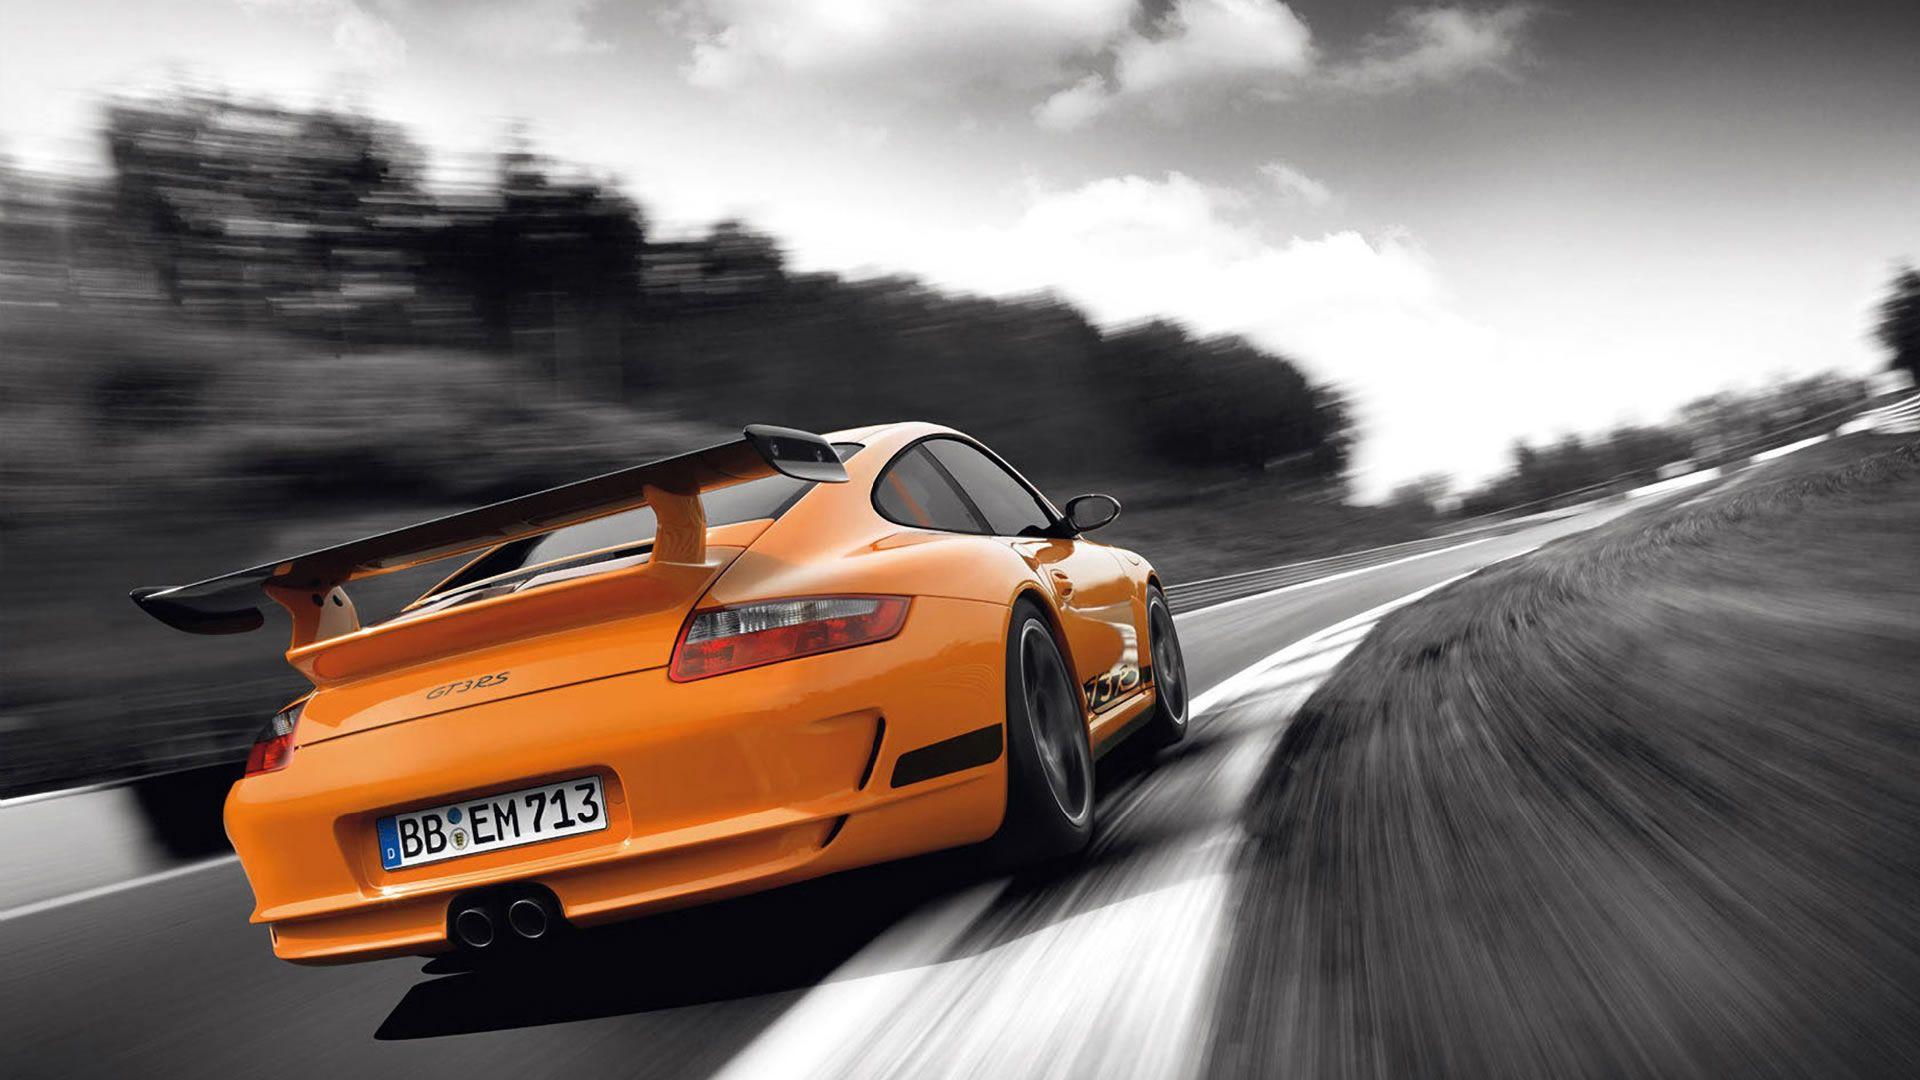 Porsche 911 Gt3 Wallpapers Porsche Car Wallpapers Sports Car Wallpaper